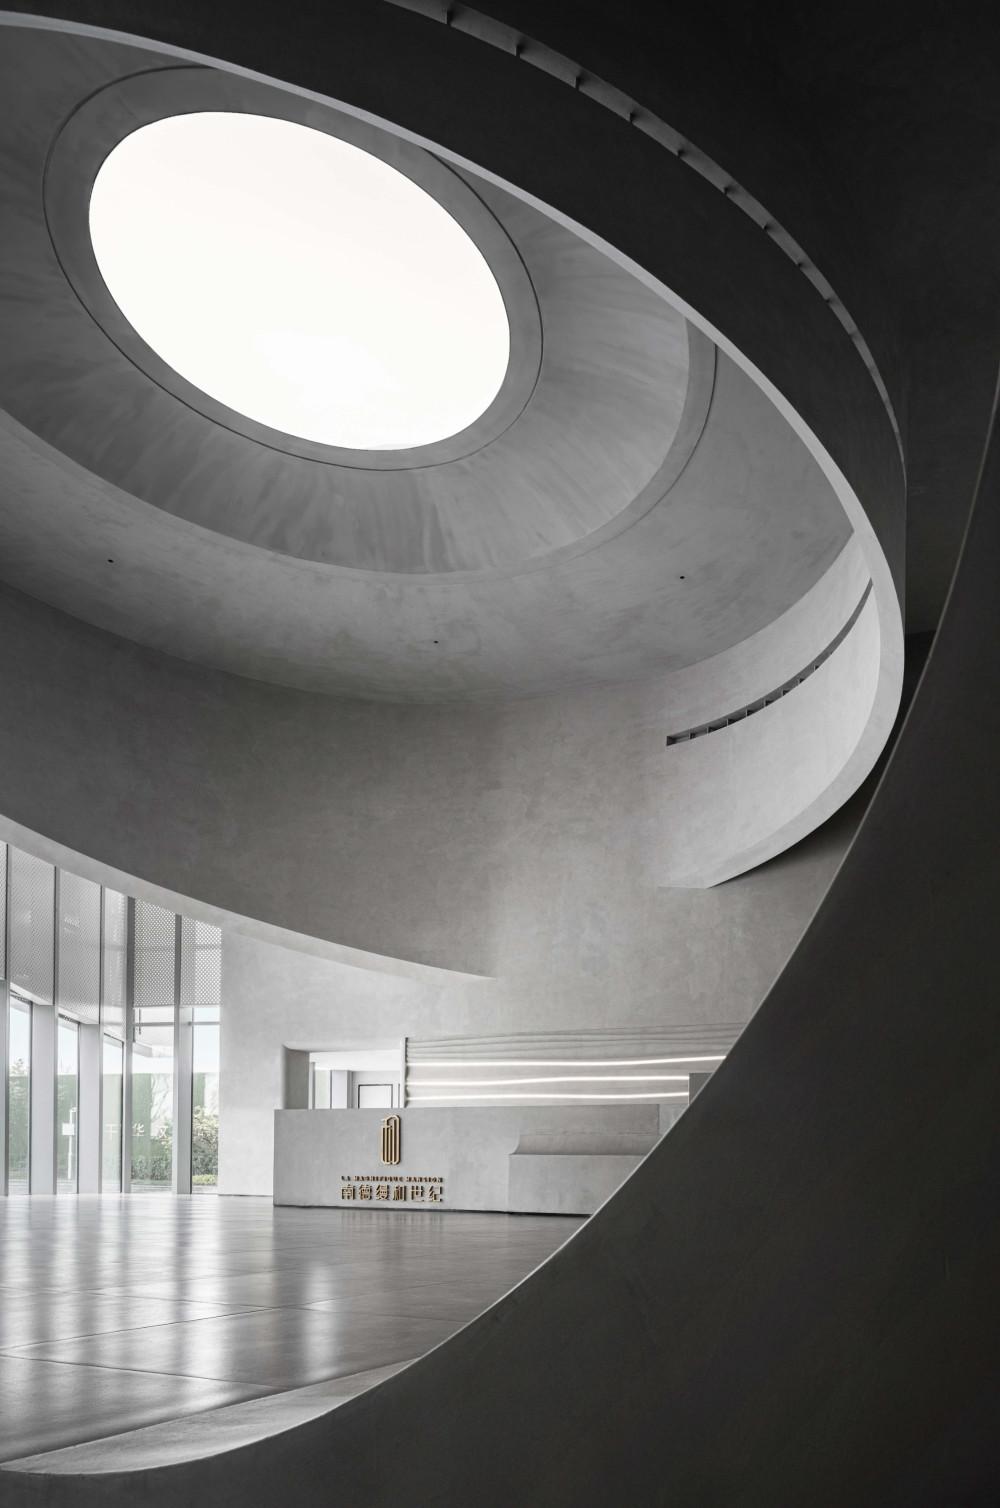 20210422-鲲誉-武汉南德缦和世纪售楼处-丛林-成图9.jpg